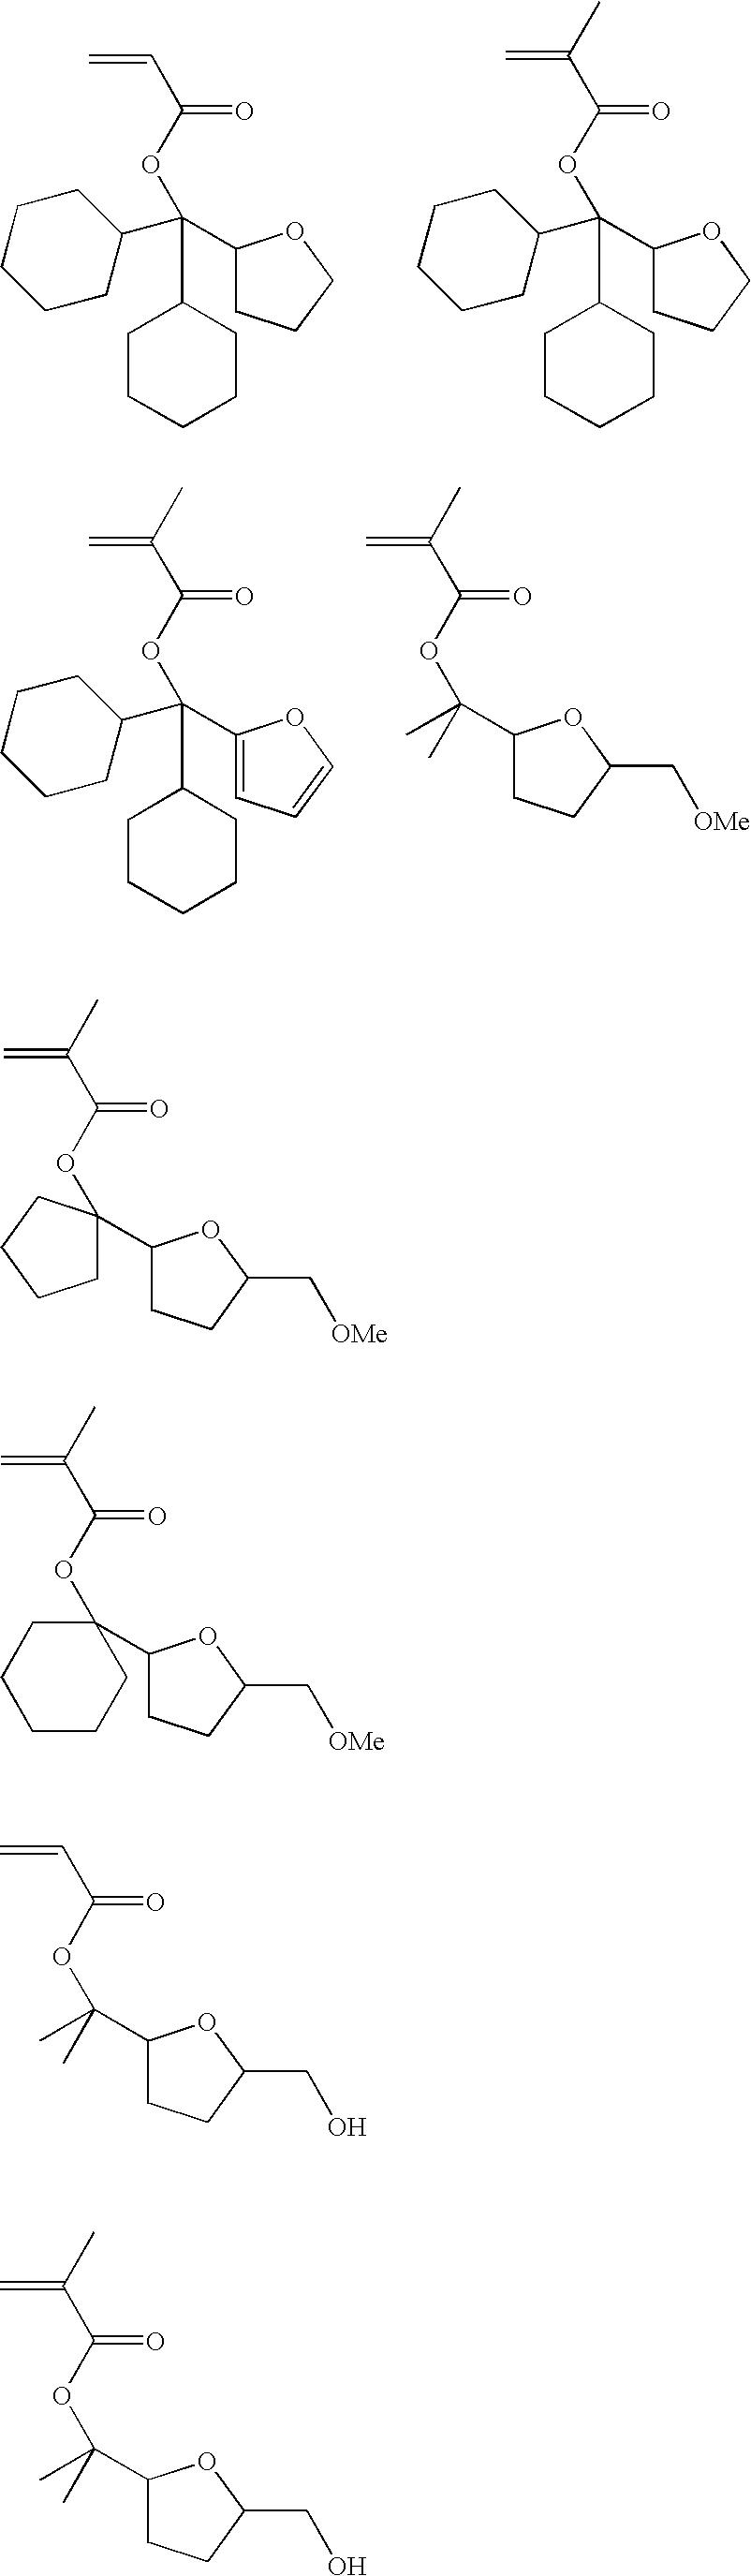 Figure US08129086-20120306-C00059